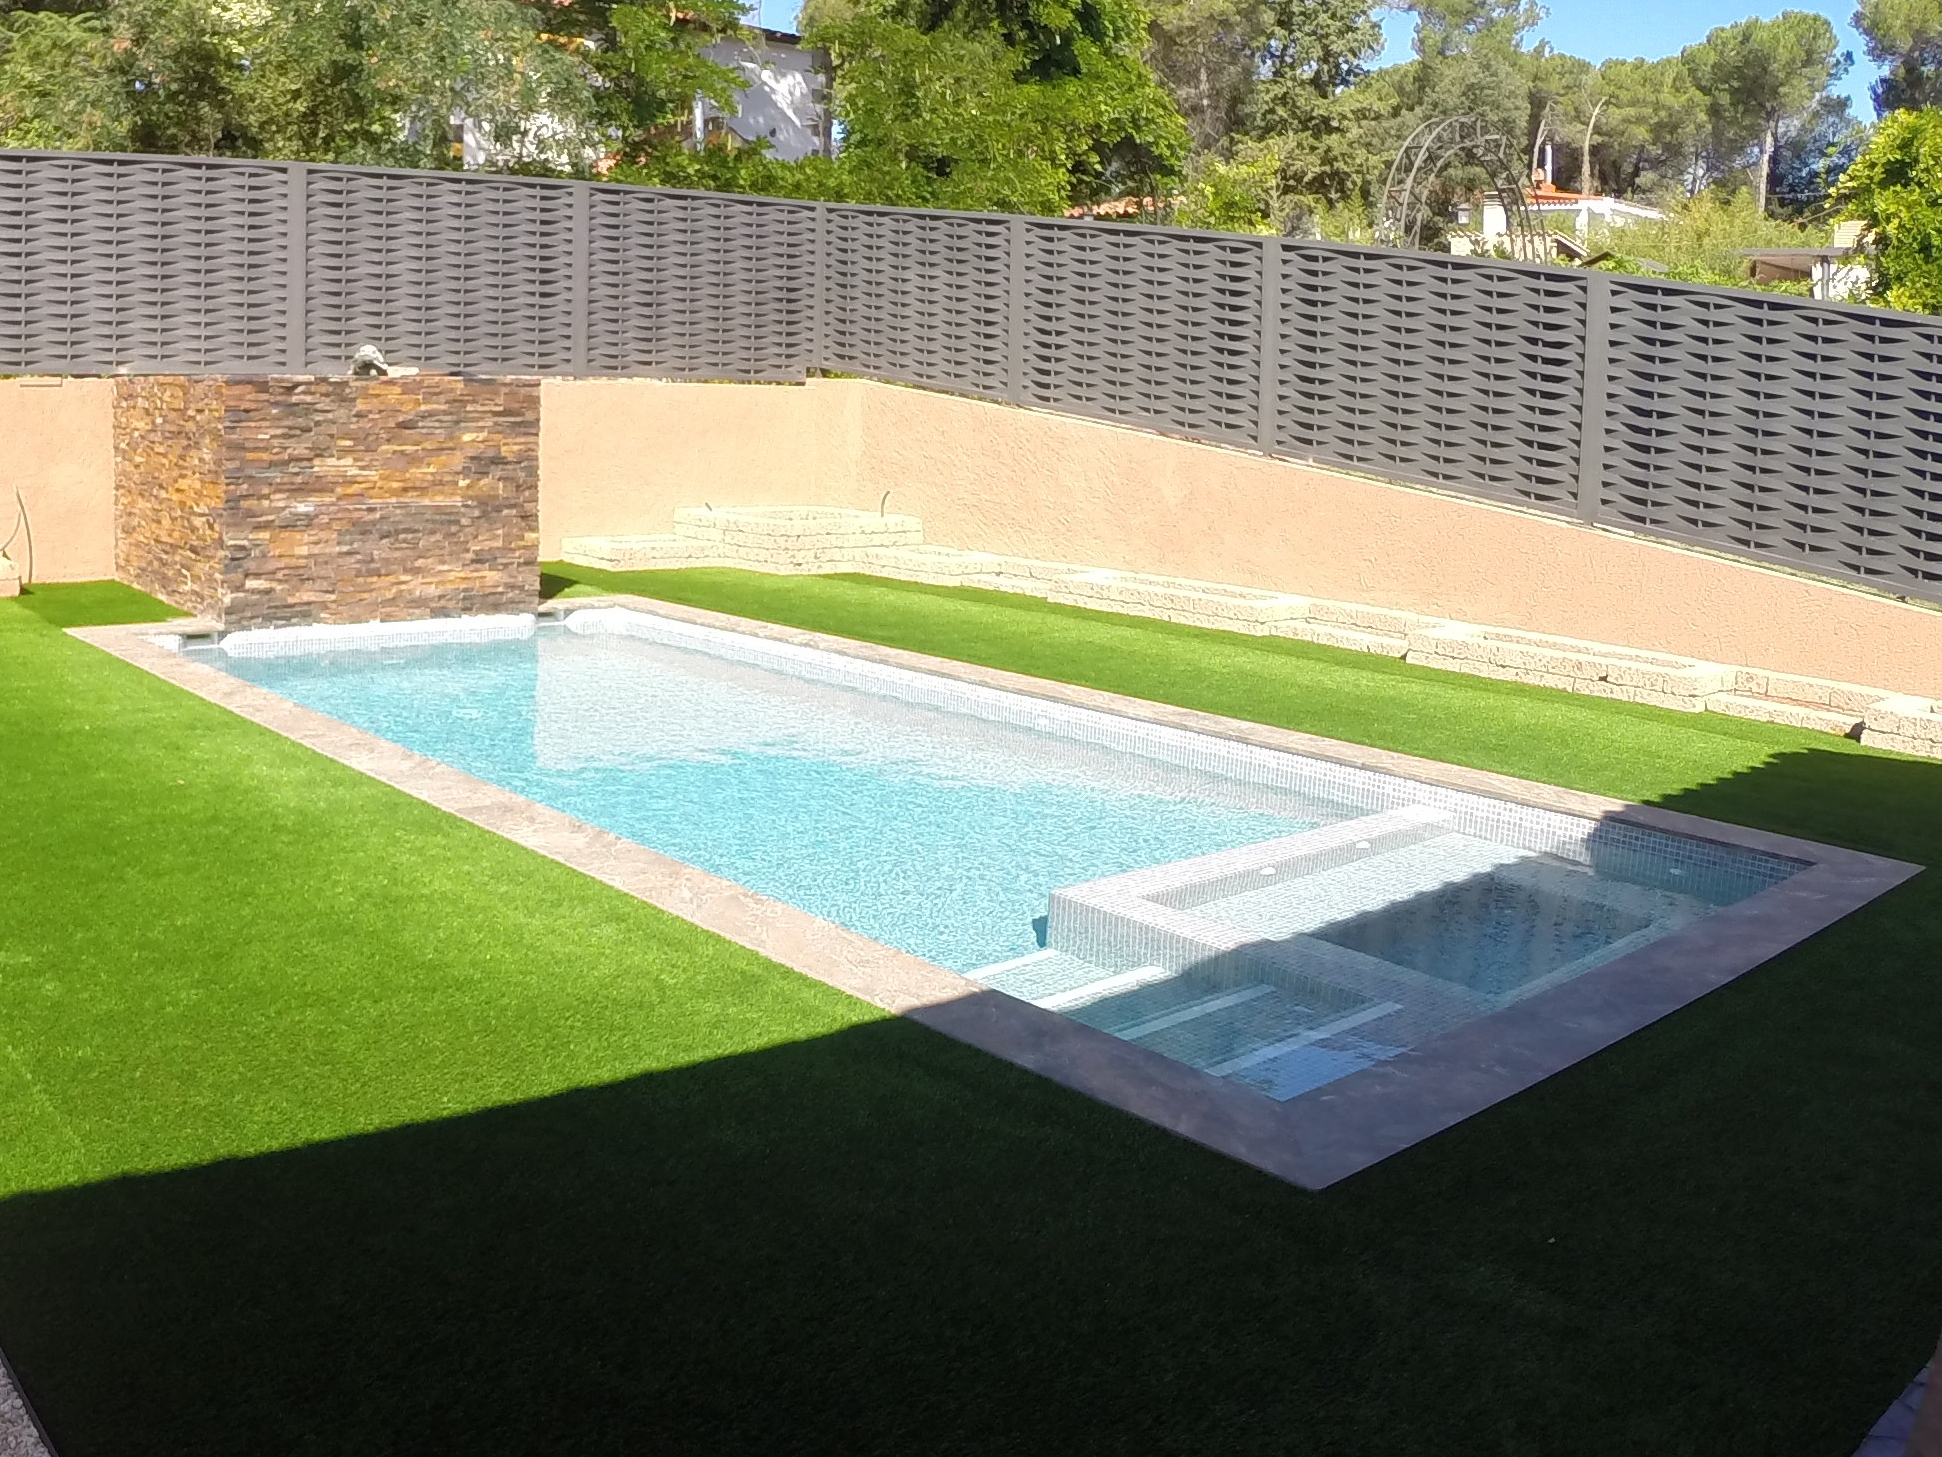 Como fabricar una piscina affordable cmo hacer una for Cuanto cuesta una piscina de fibra